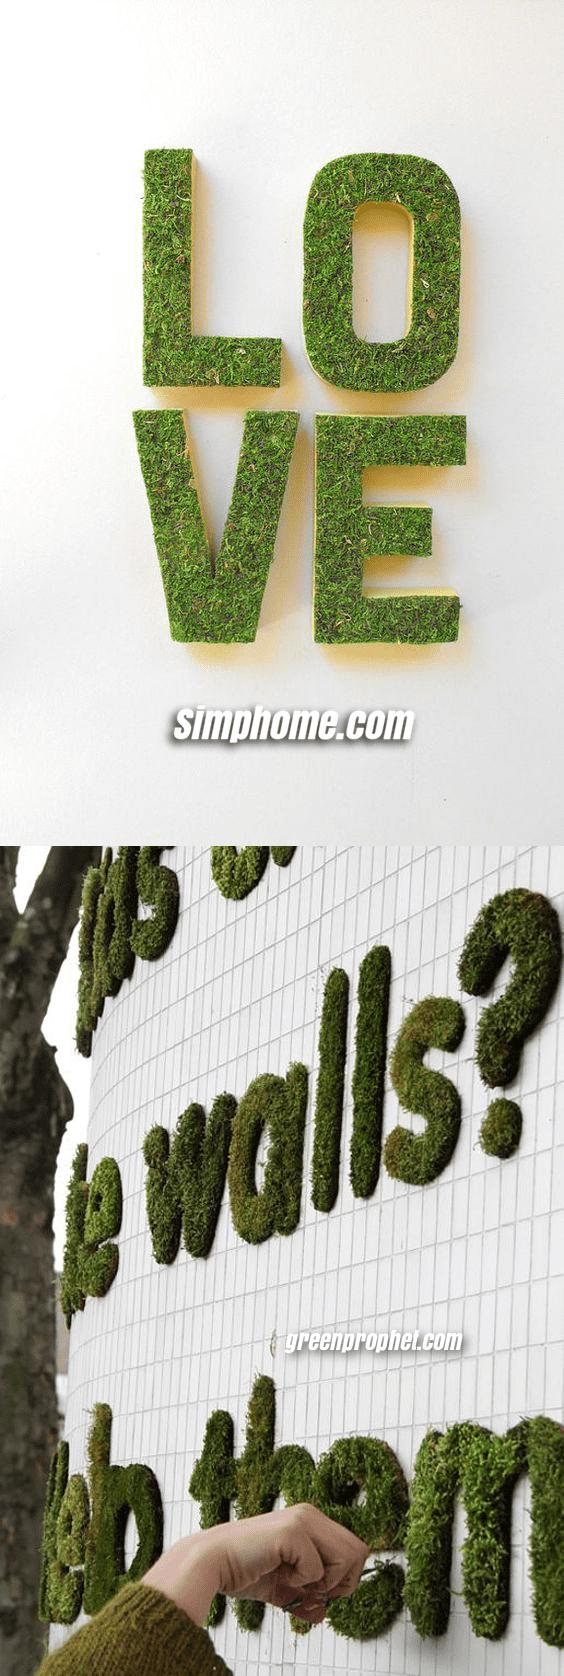 2.Simphome.com Moss Graffiti